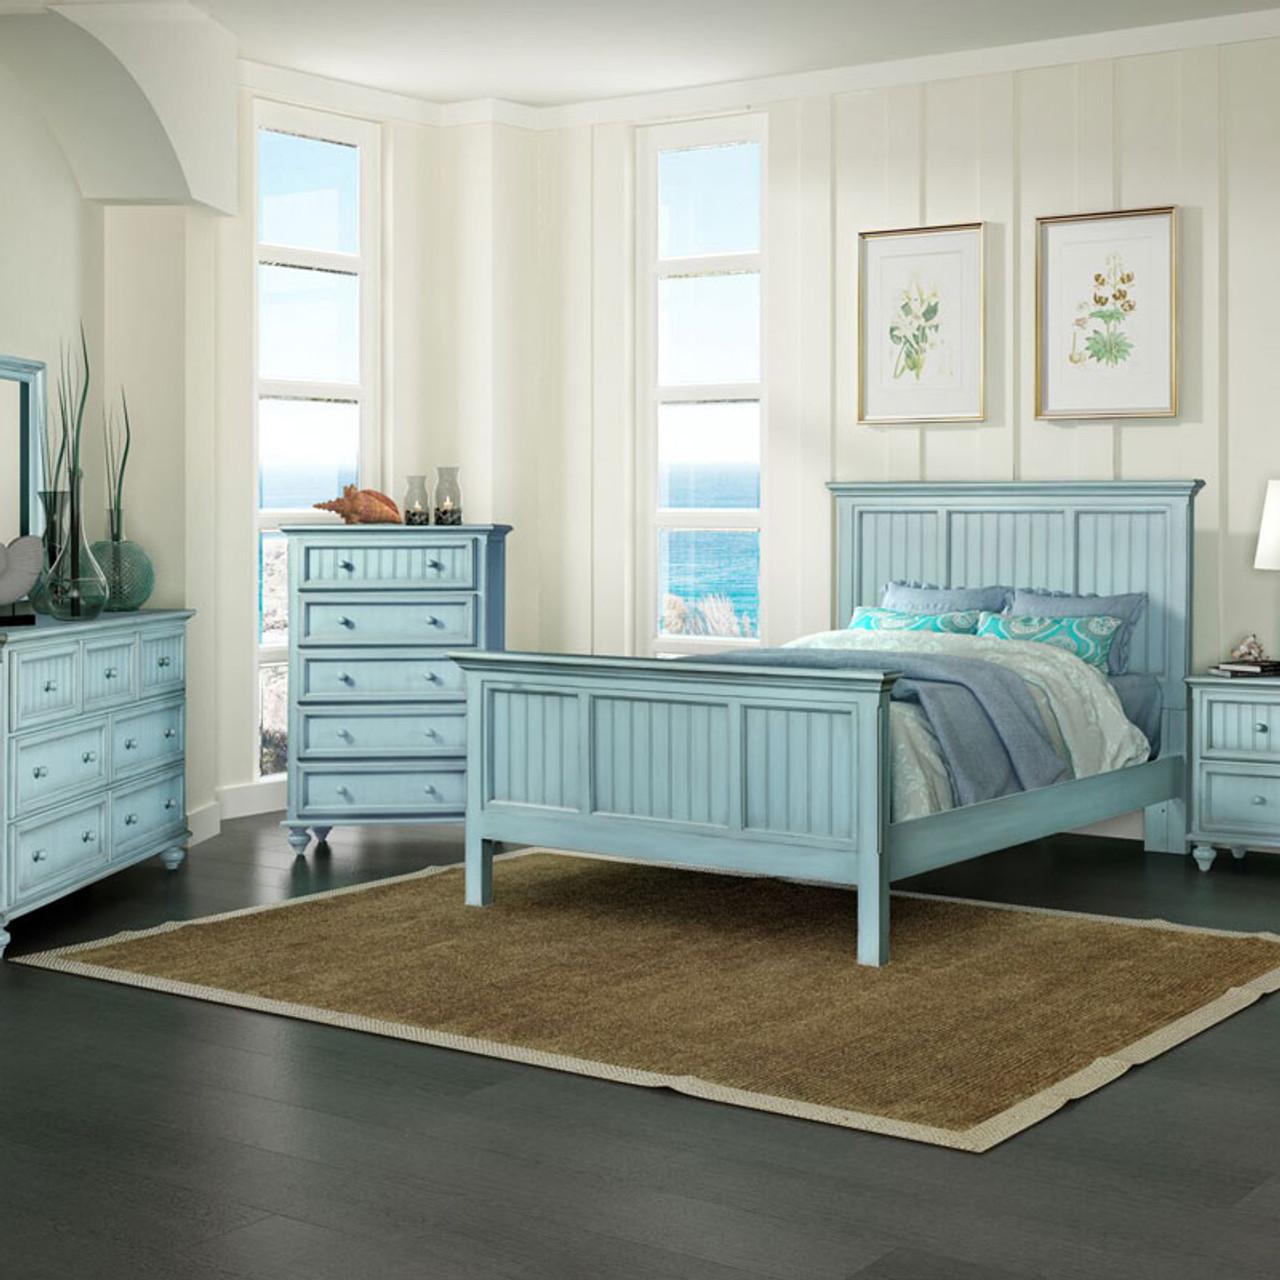 Monaco 5 Pc Bedroom Set